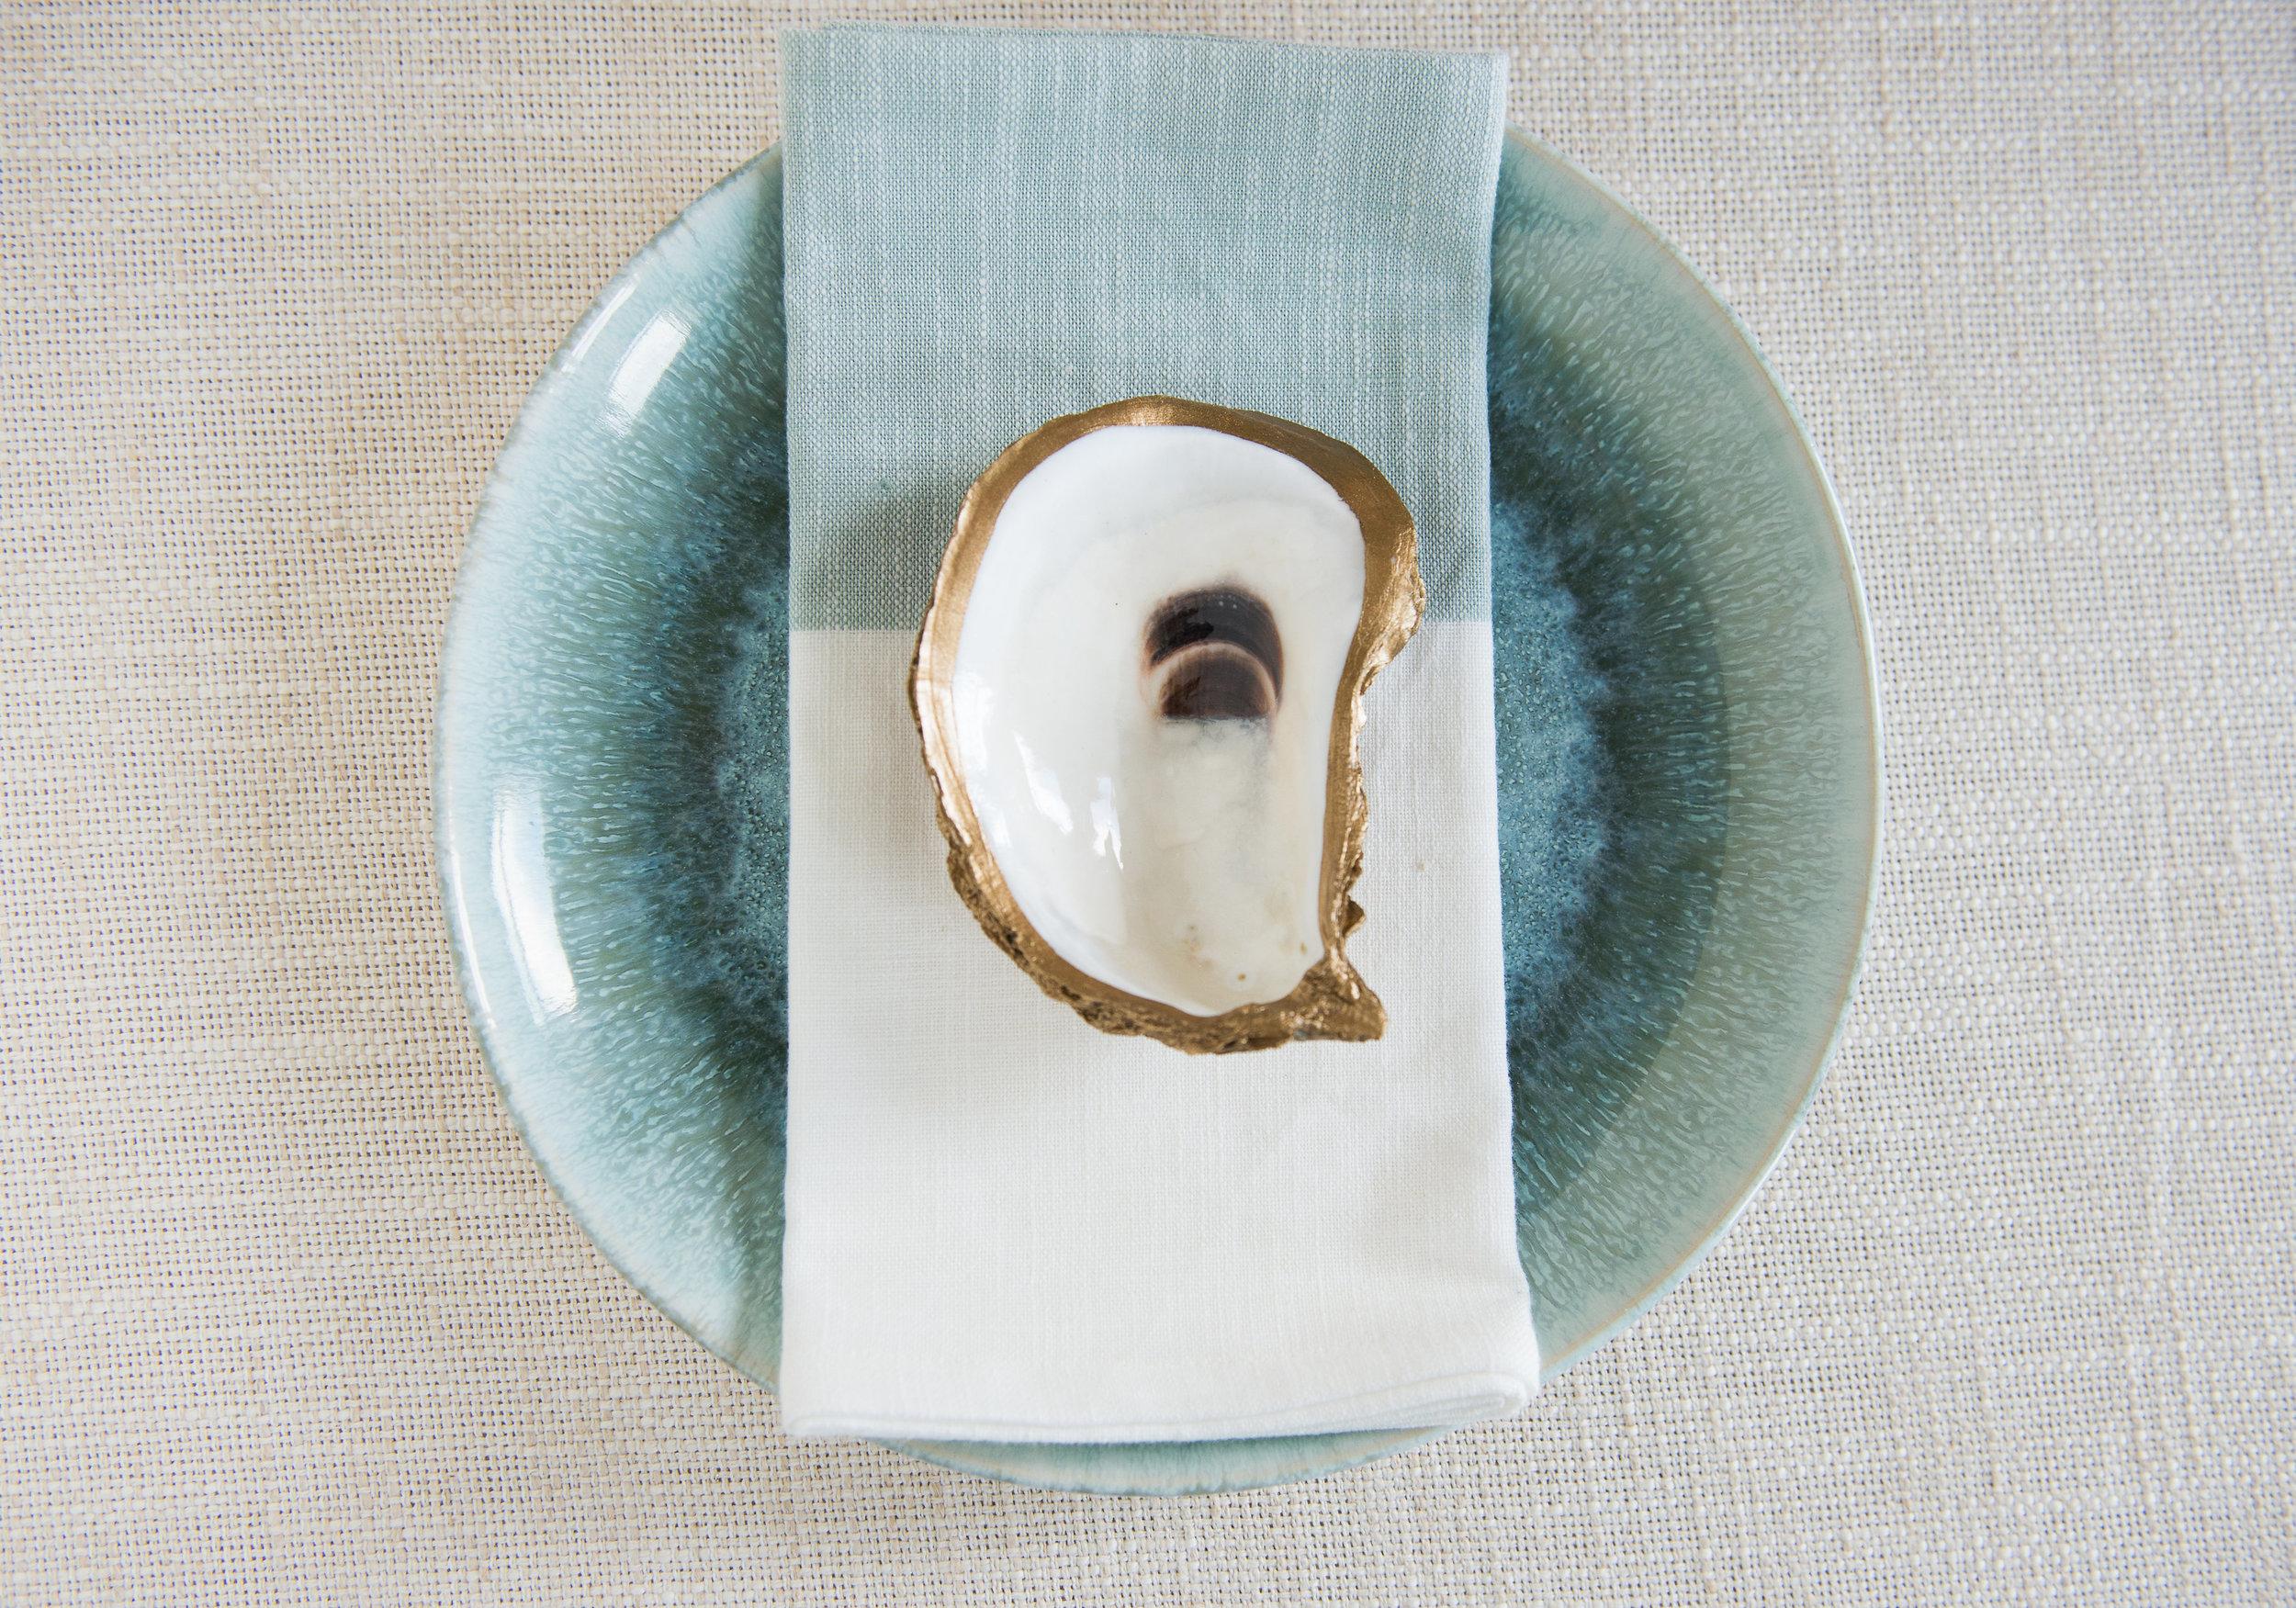 XL Oyster Dish